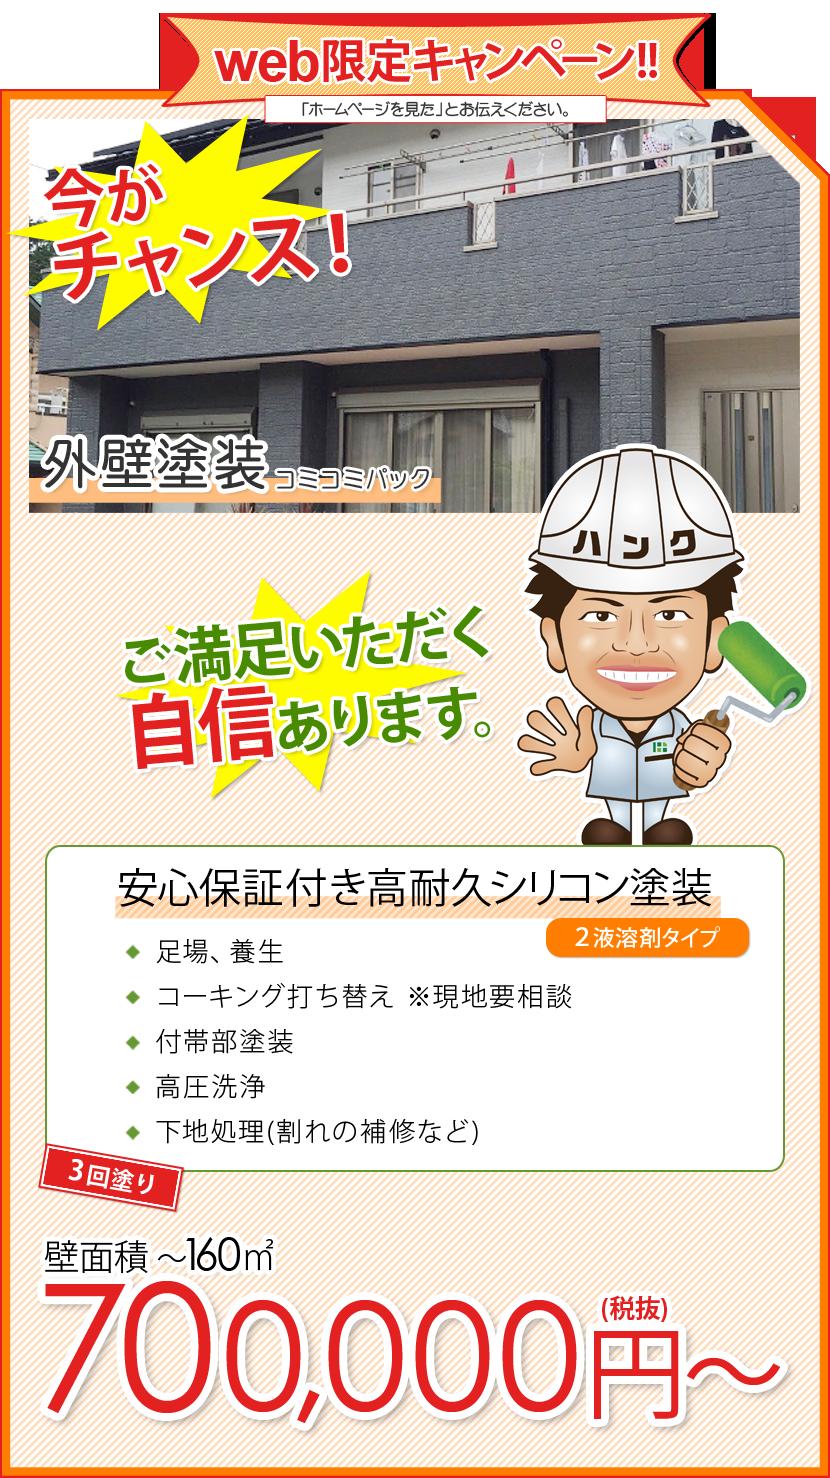 web限定キャンペーン!! 外壁塗装コミコミパック